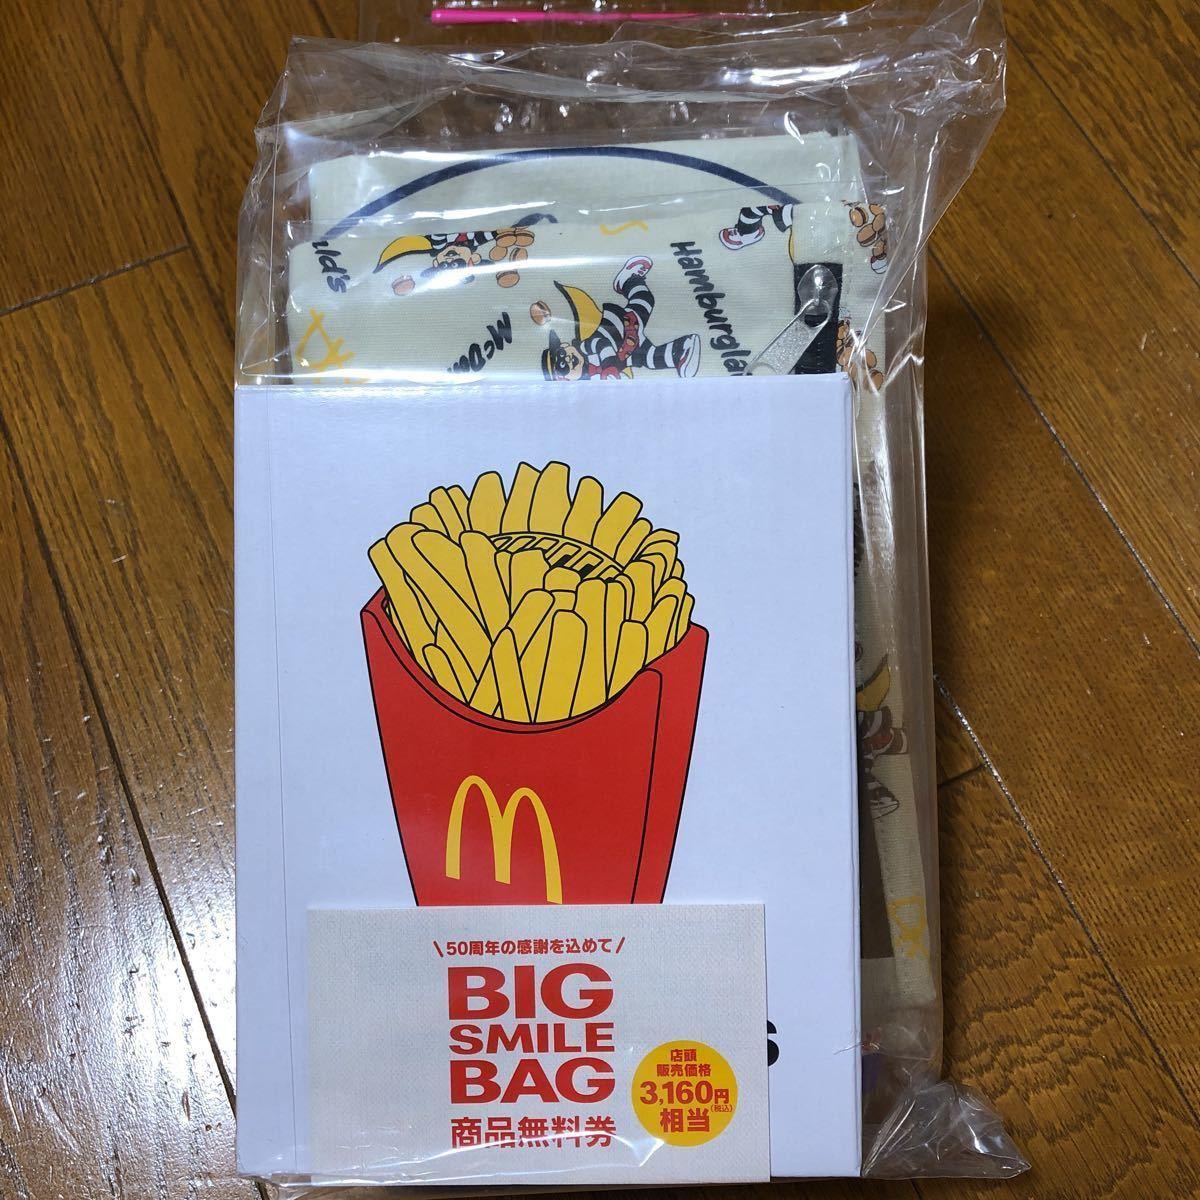 マクドナルド福袋2021 ビック スマイル バッグ マクドナルド BIG SMILE BAG 商品無料券付き マック